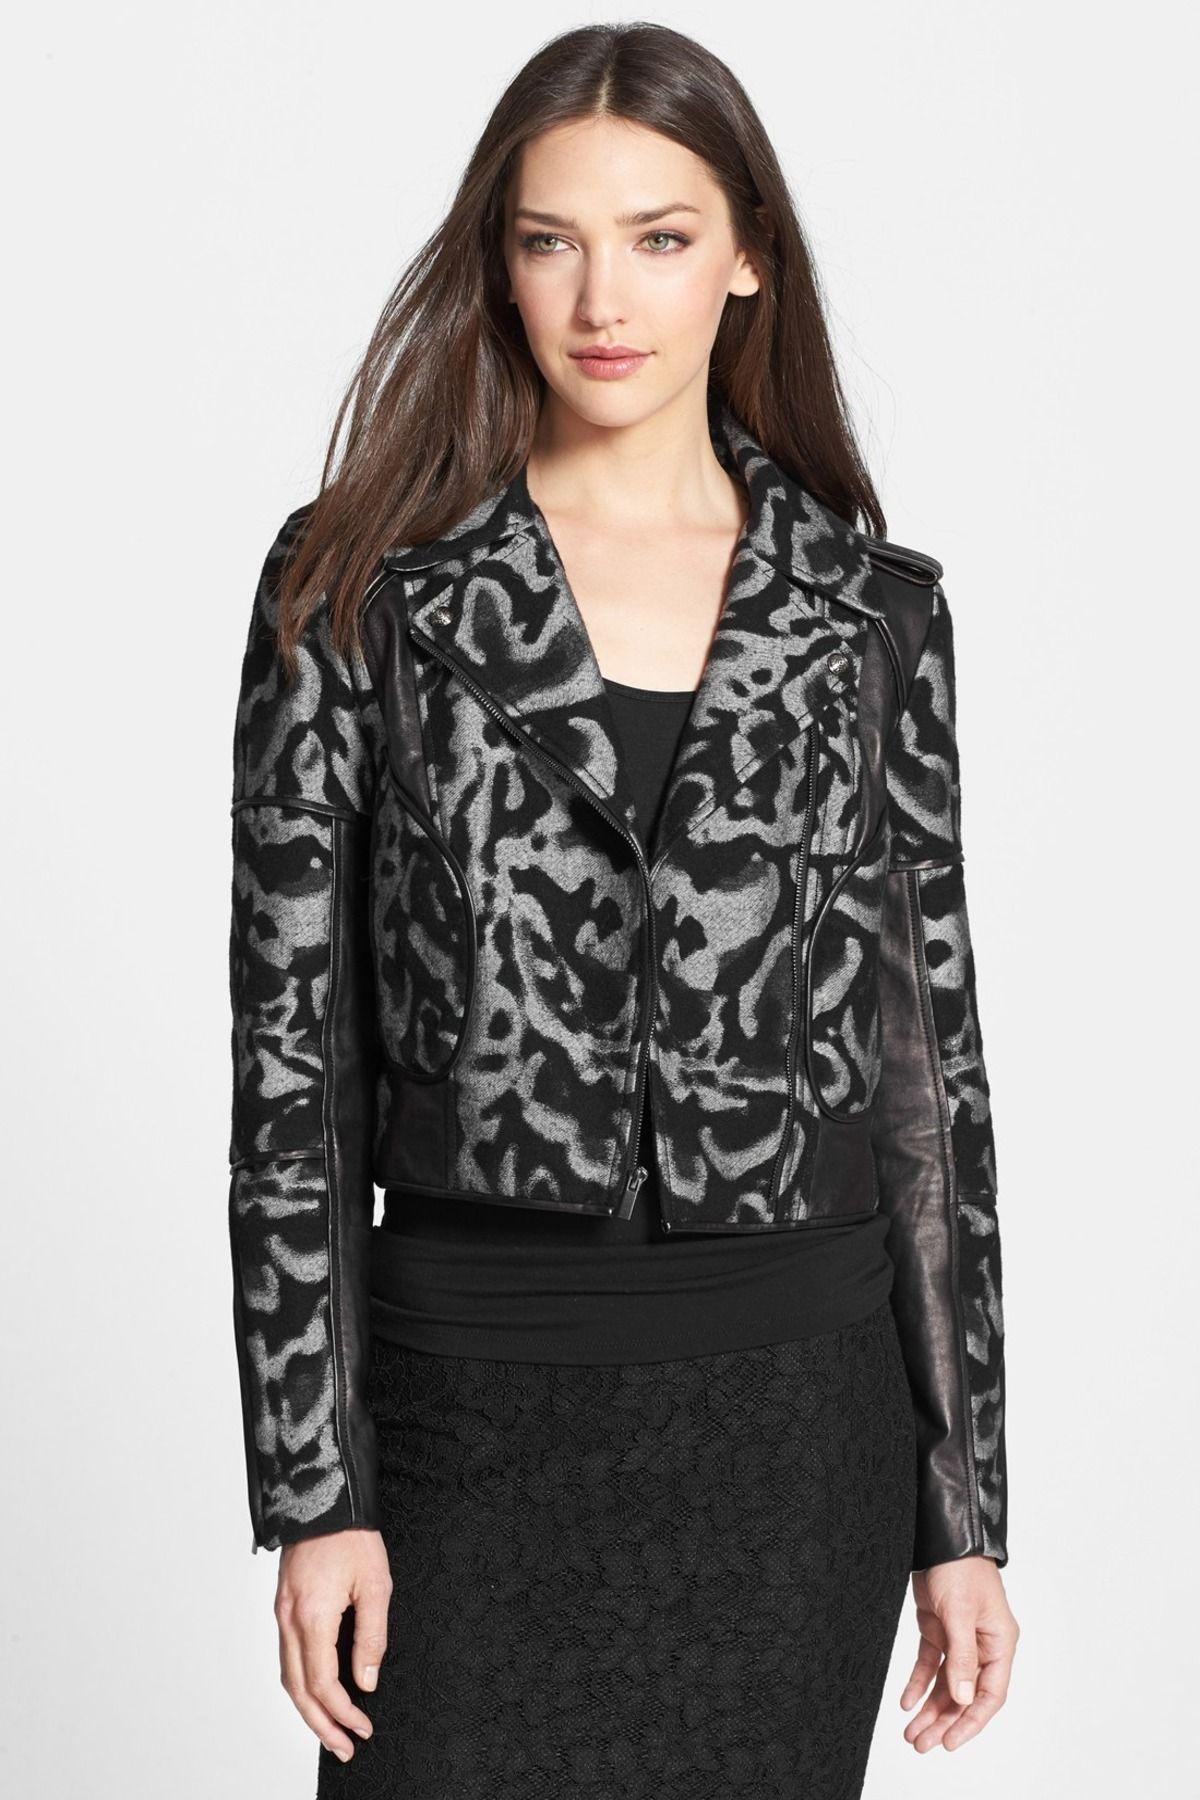 Diane von Furstenberg 'Theodora Leo' Leather Accent Jacket by Diane von Furstenberg on @nordstrom_rack